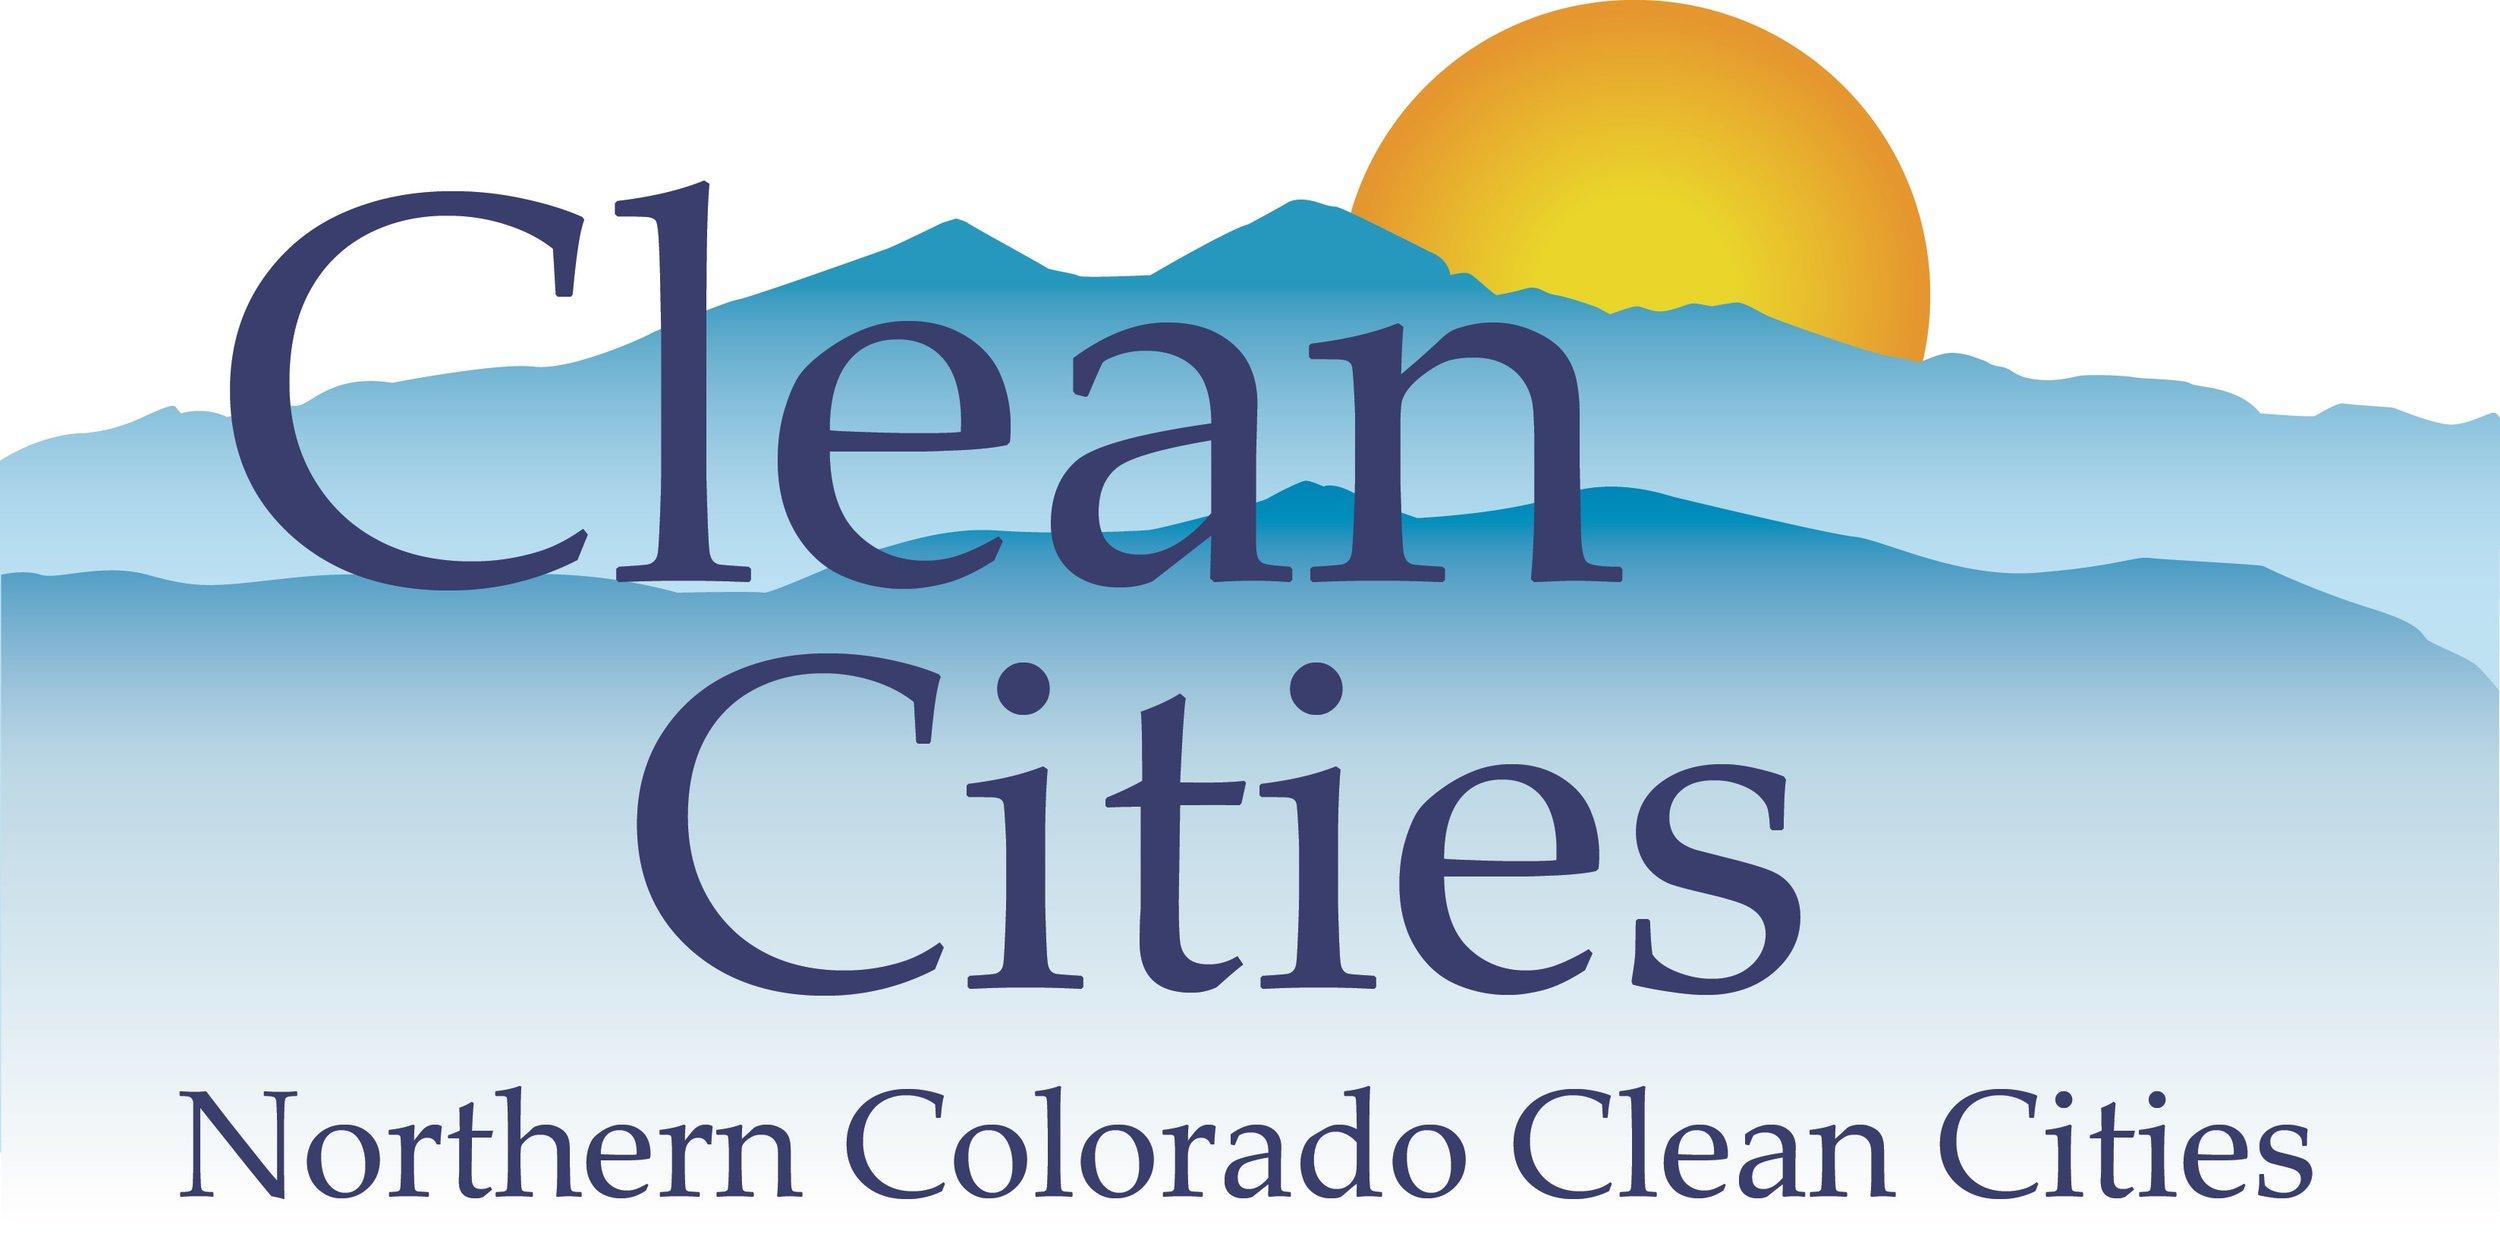 nc_clean_cities_logo-mountains-print.jpg